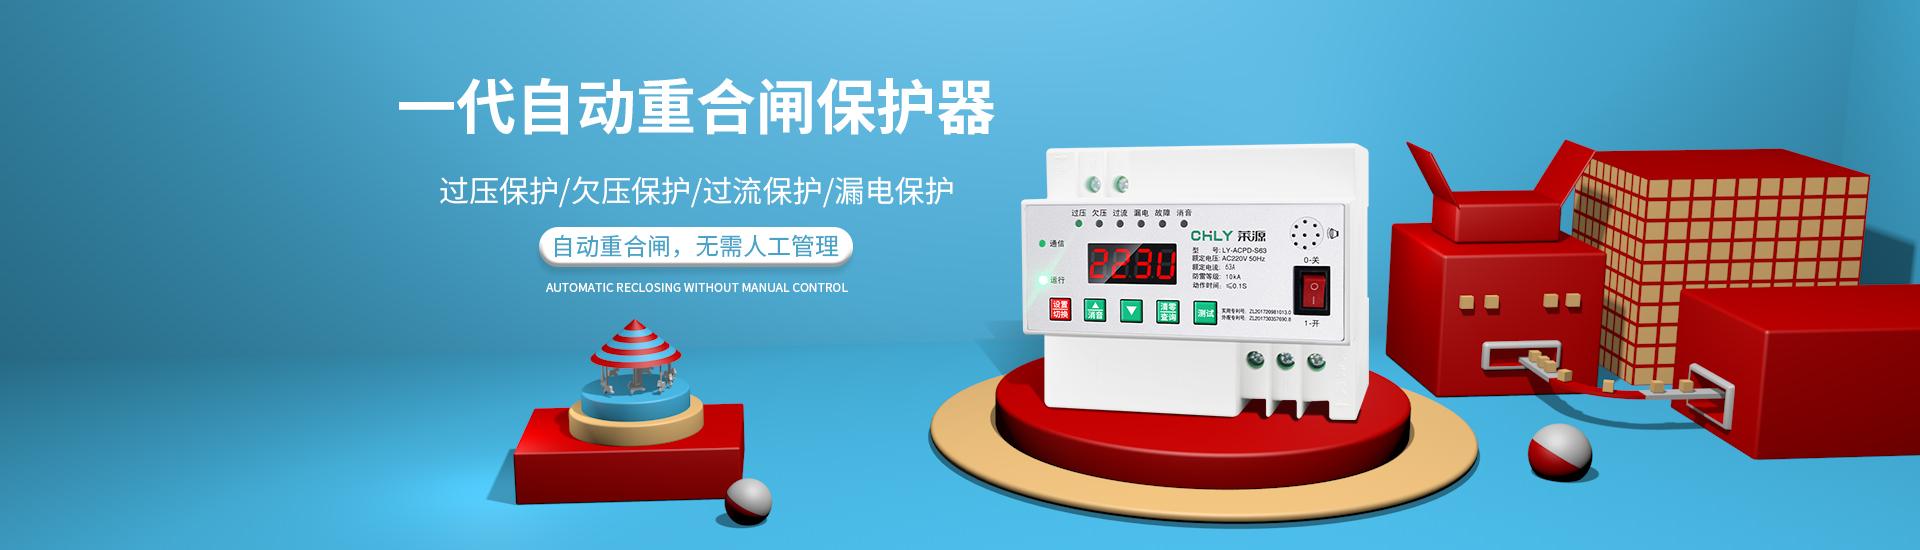 浙江莱源电气科技有限公司